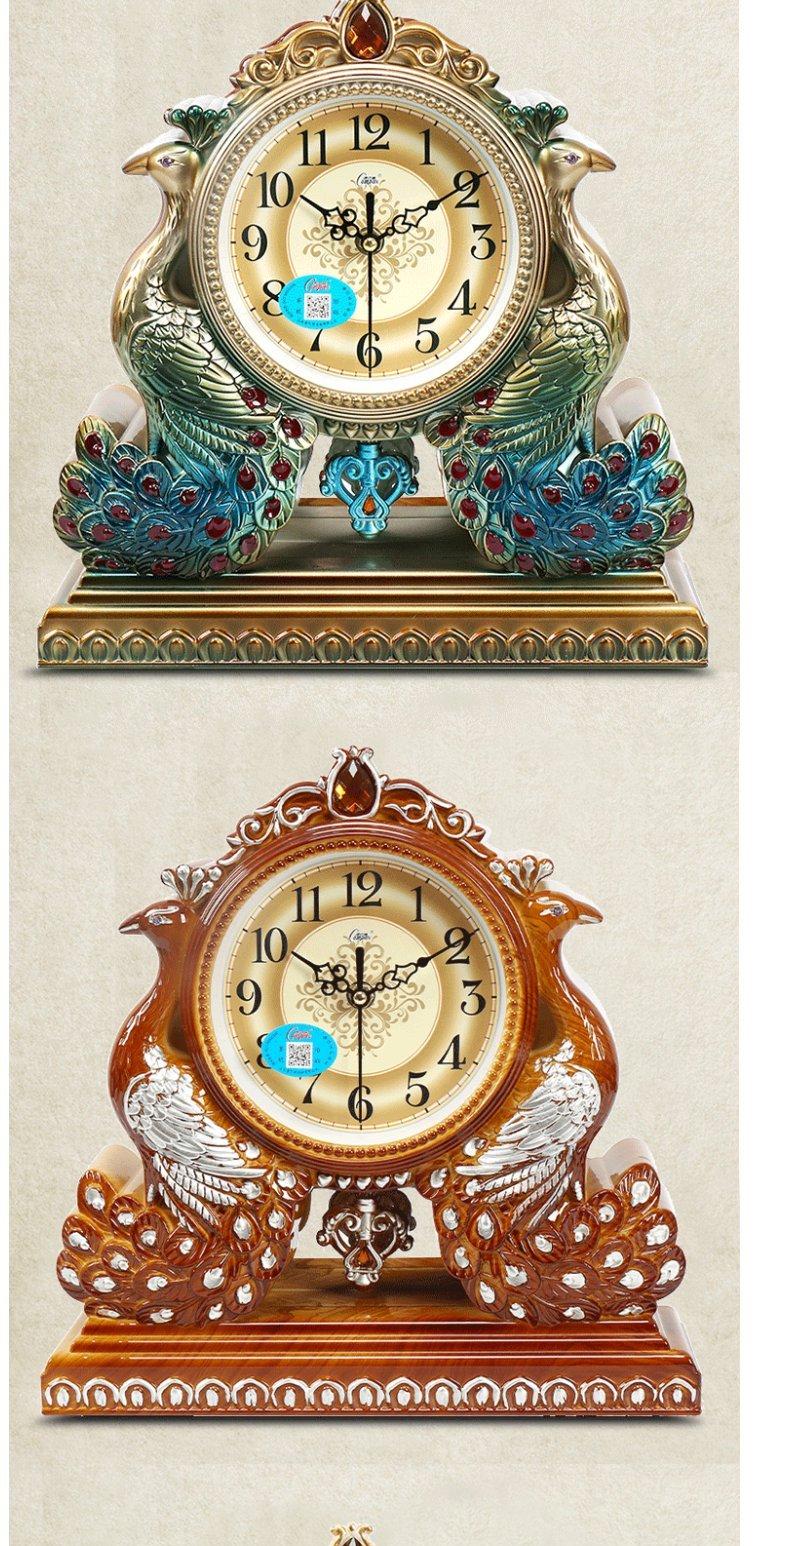 康巴丝欧式创意时钟客厅座钟时尚静音卧室台钟摆件田园石英钟表商品详情图